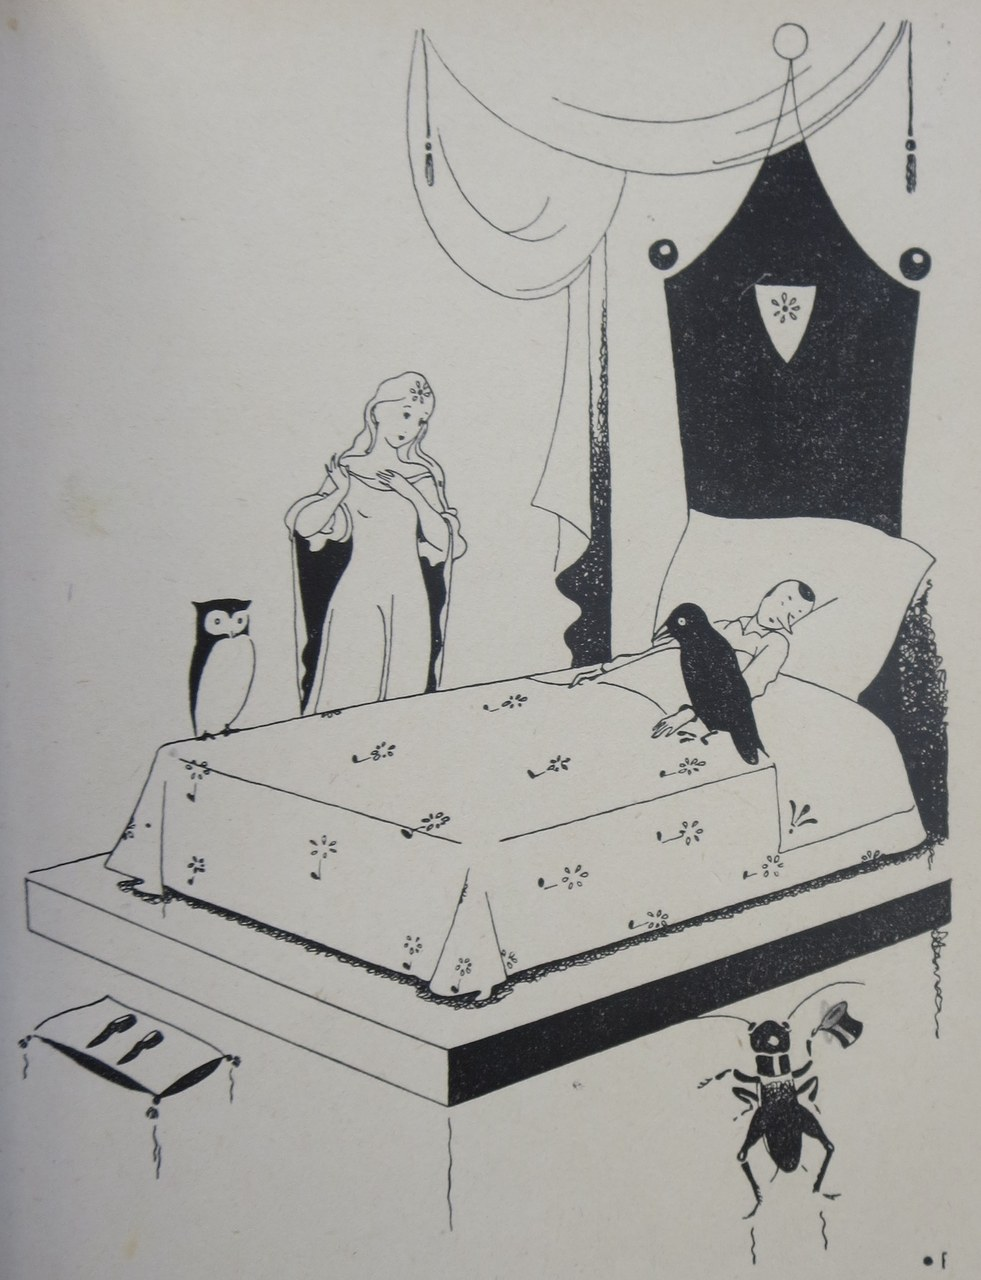 Fig. 5. Fiorenzo Faorzi, I medici riuniti intorno al letto di Pinocchio